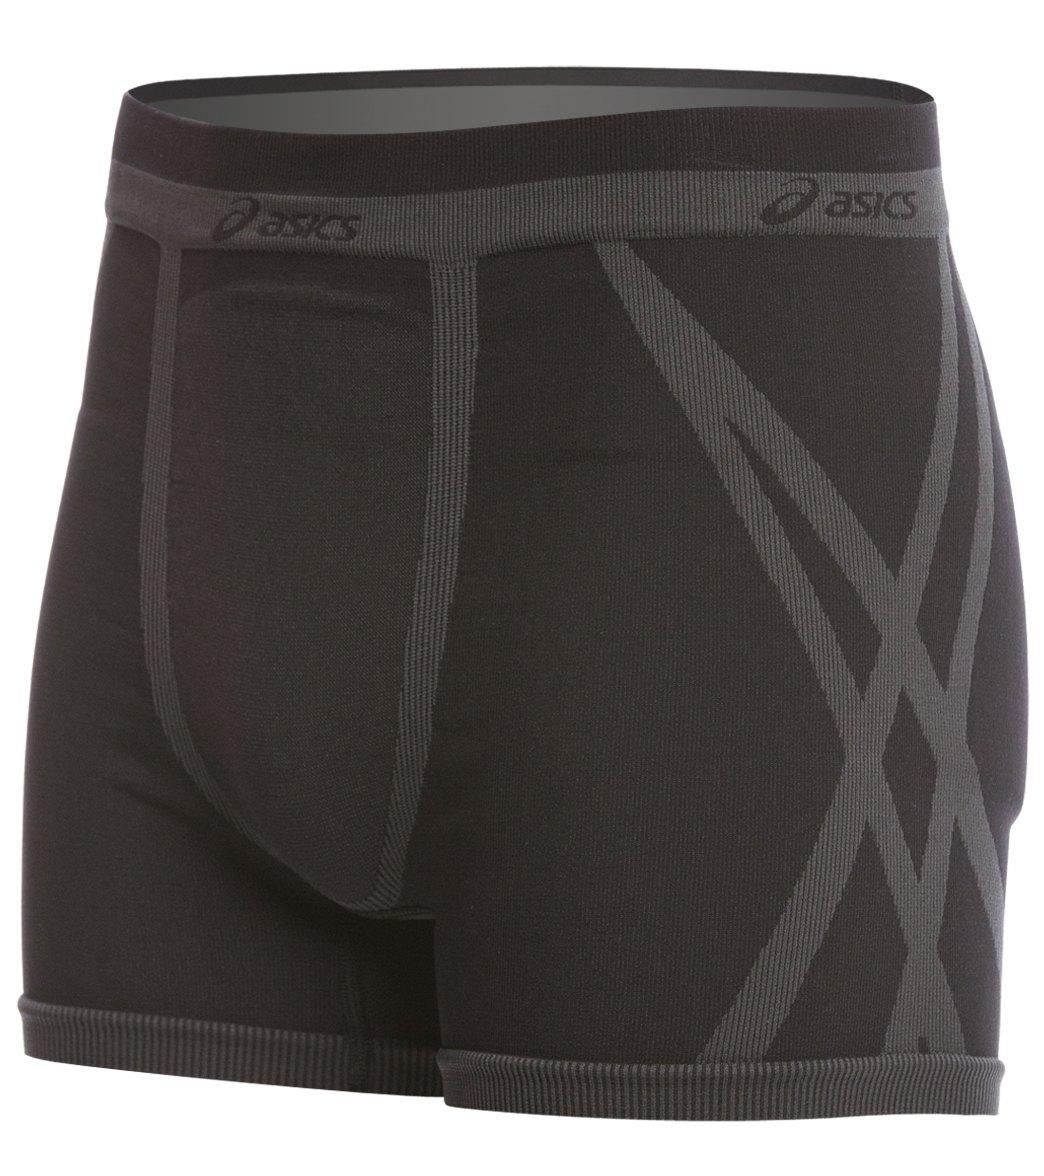 8d08177fb5 Asics Men's ASX™ Boxer Brief at SwimOutlet.com